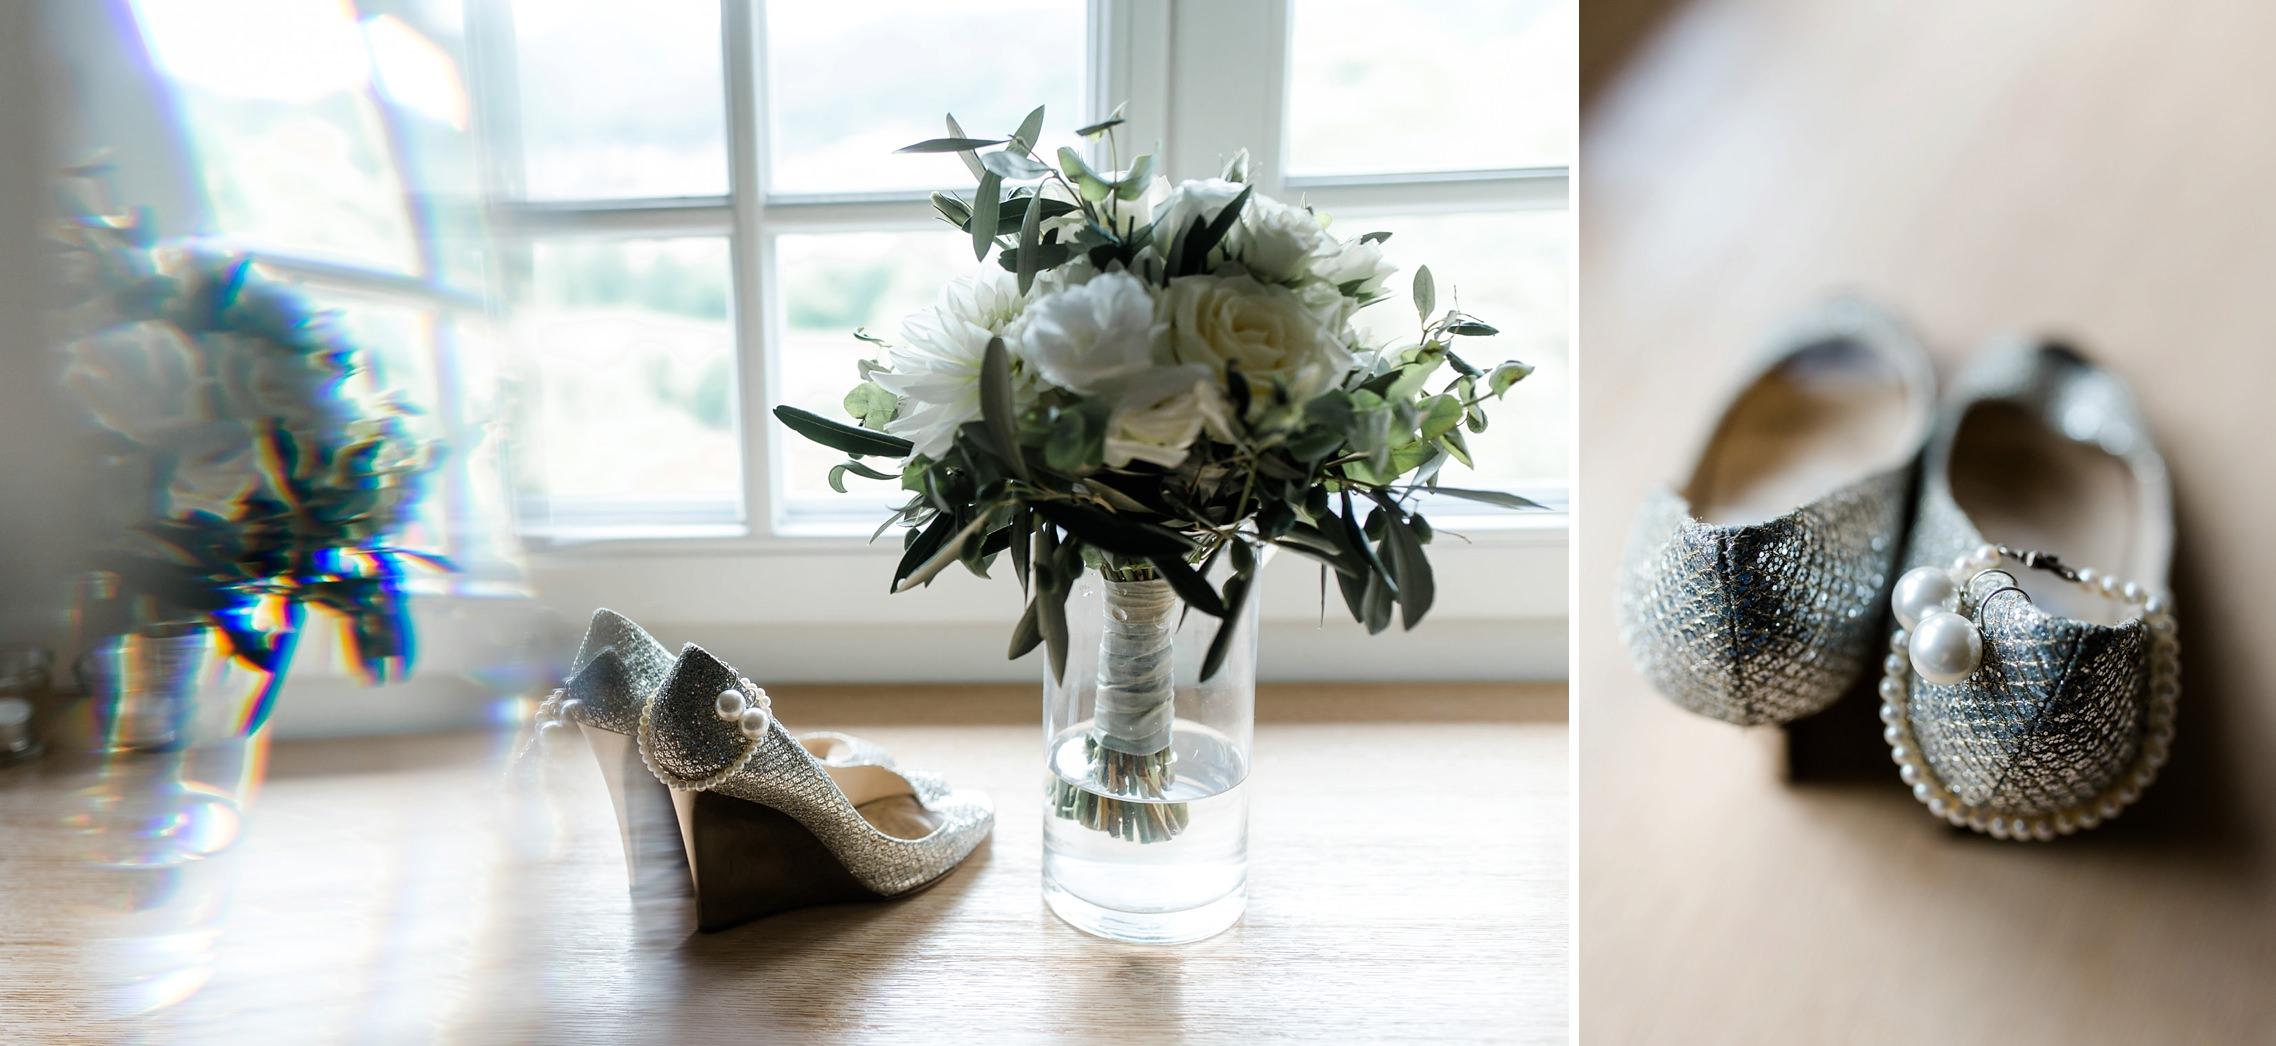 Die Schuhe, der Schmuck und der Blumenstrauss der Braut auf einem Fensterbrett im Gut Hermannsberg.